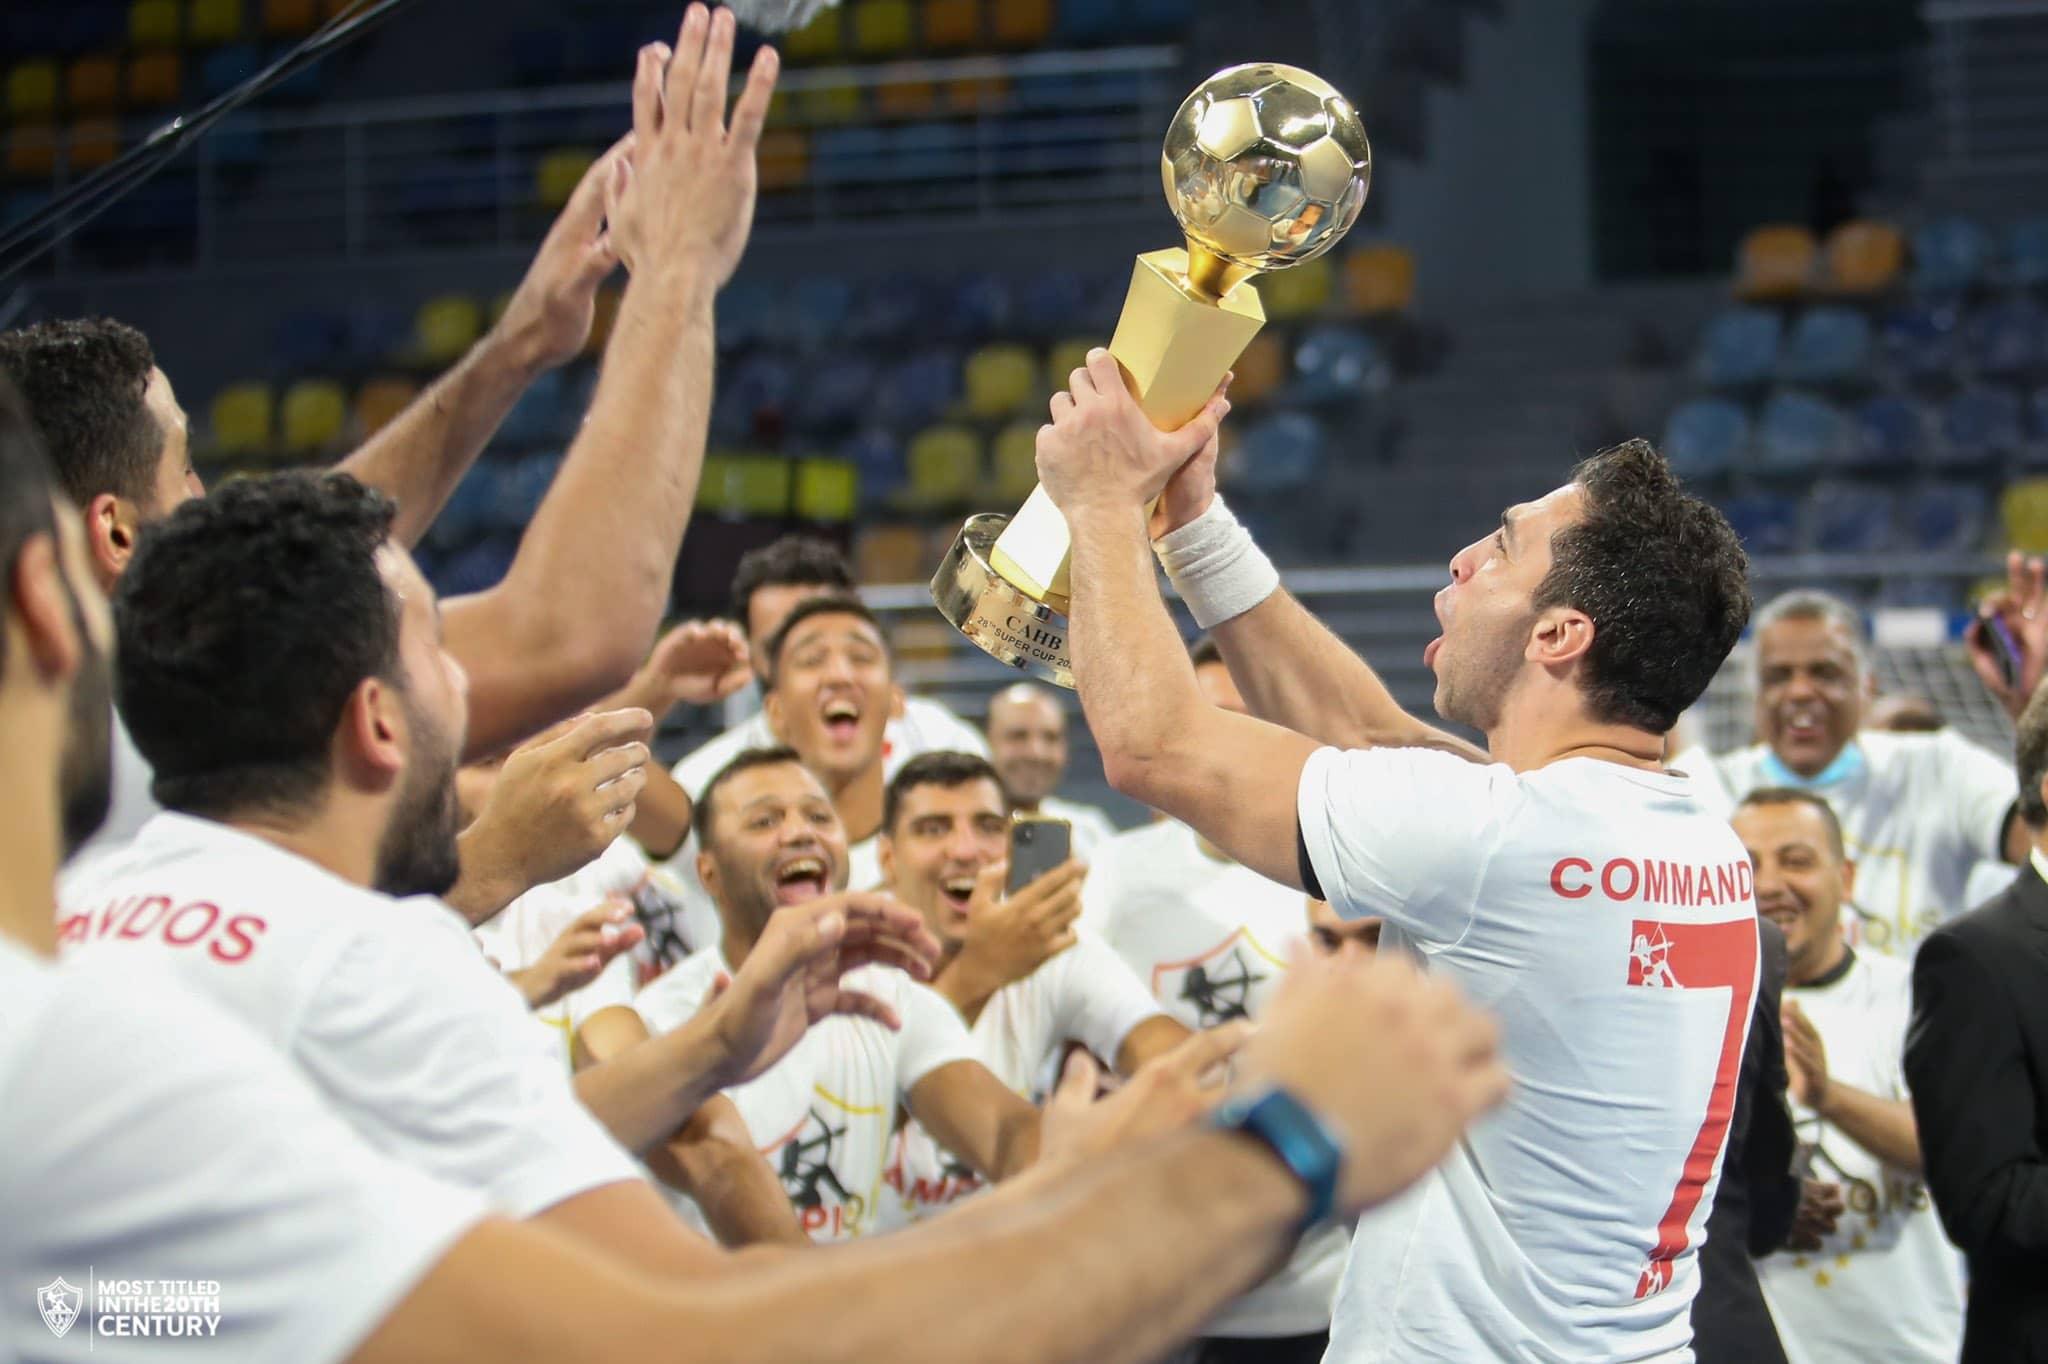 الزمالك لكرة اليد يتوج بلقب كأس السوبر الأفريقي بعد الفوز على الأهلي